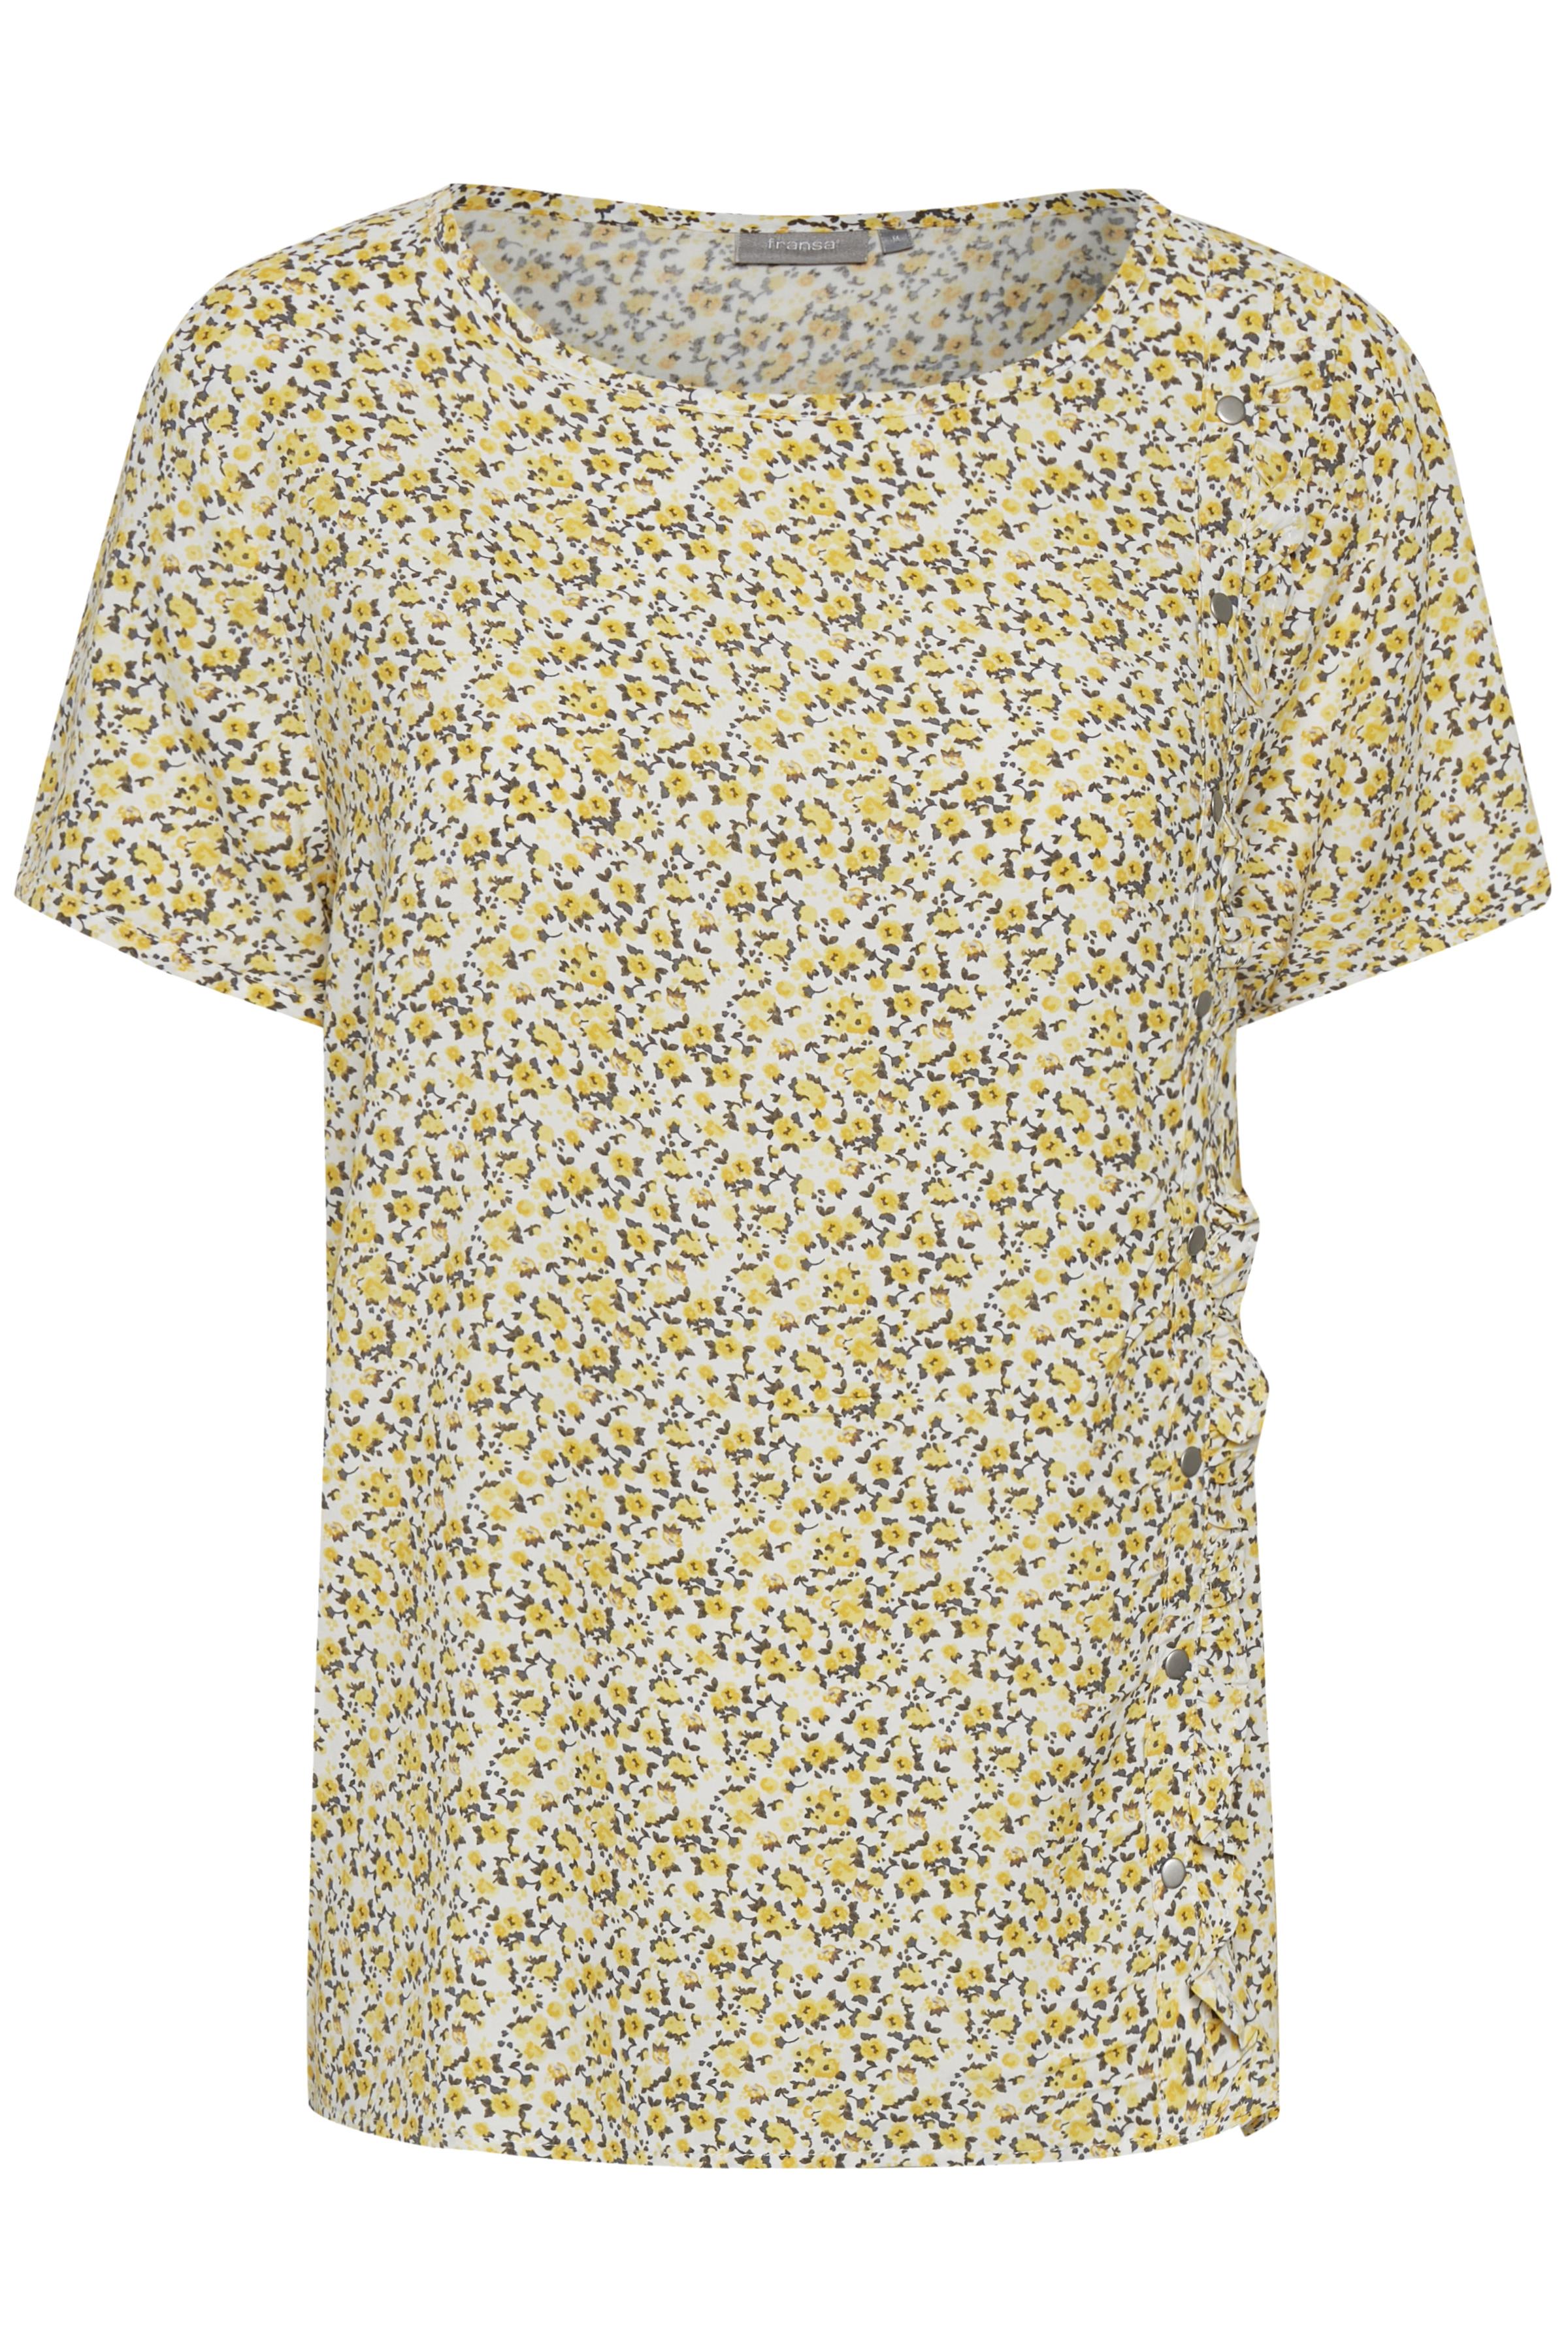 Wit/geel Korte mouwen shirt  van Fransa – Door Wit/geel Korte mouwen shirt  van maat. XS-XXL hier